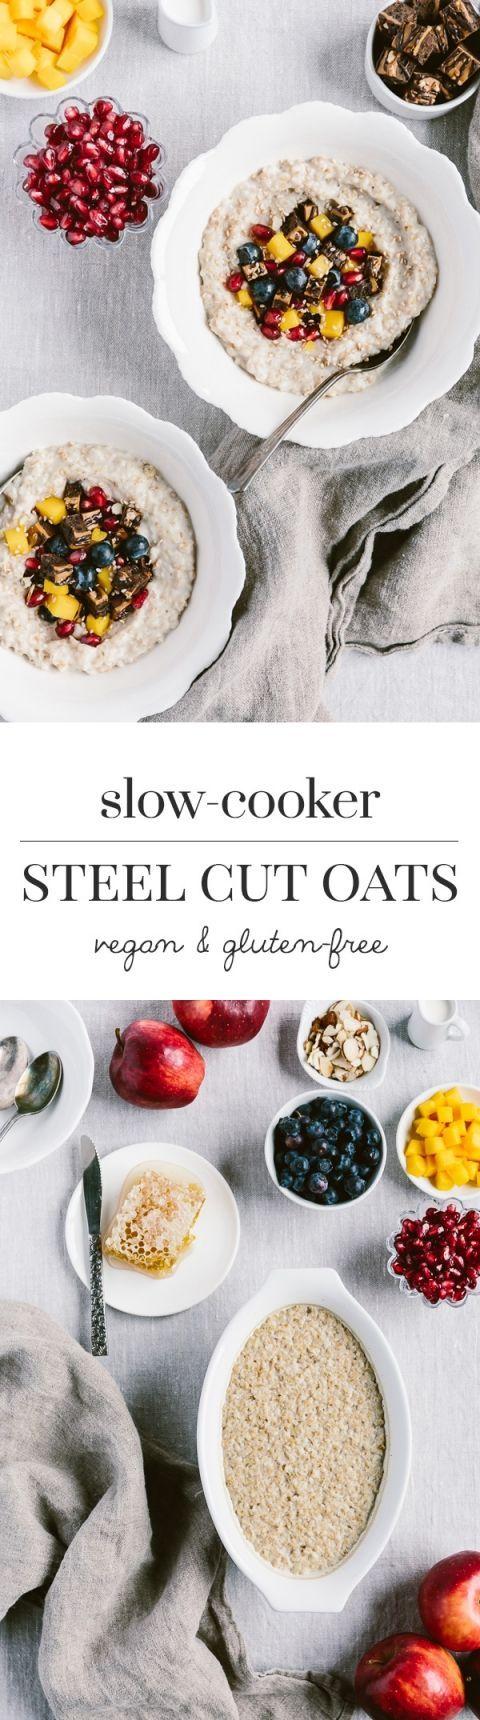 https://www.bloglovin.com/blogs/foolproof-living-7863465/slow-cooker-steel-cut-oats-5378343127